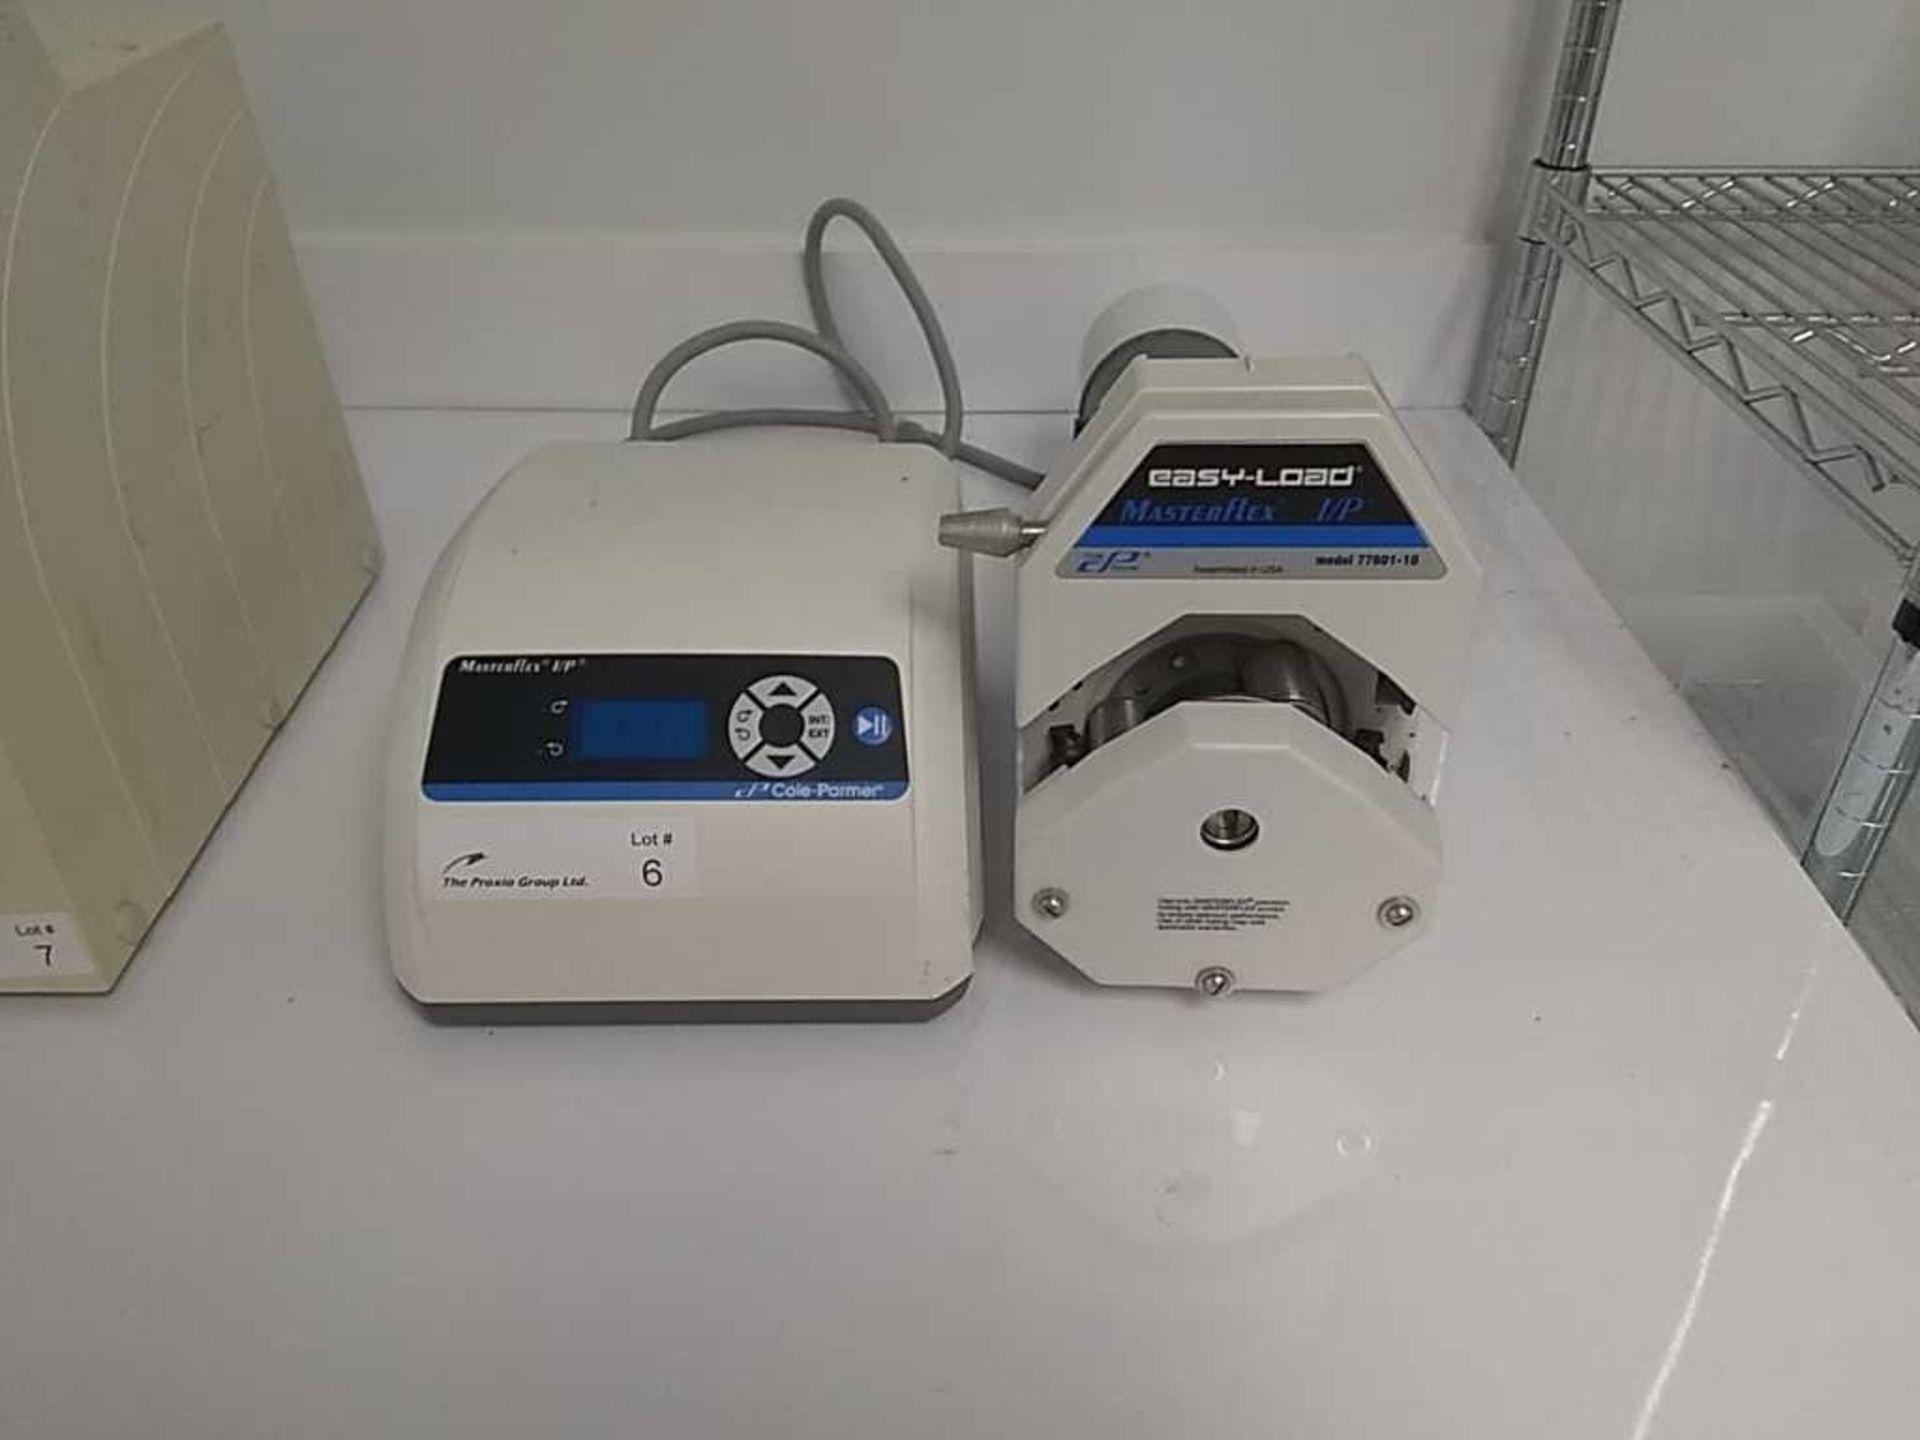 Cole-Parmer Masterflex I/P 7591-22 Peristaltic Pump